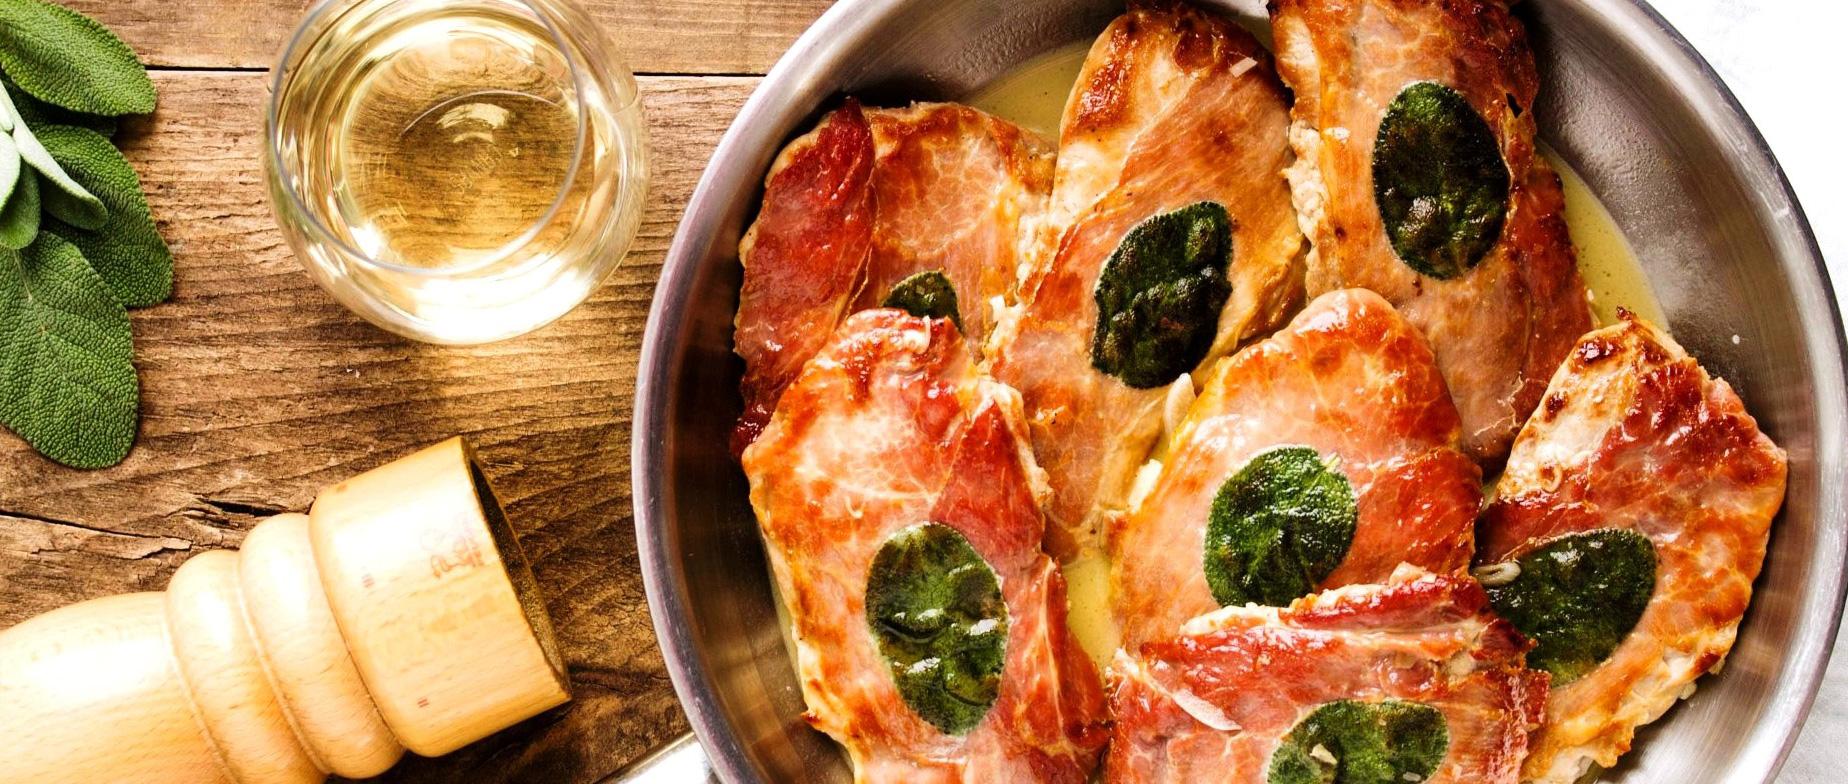 Ciao Italia - olasz főzőest ajándékutalvány